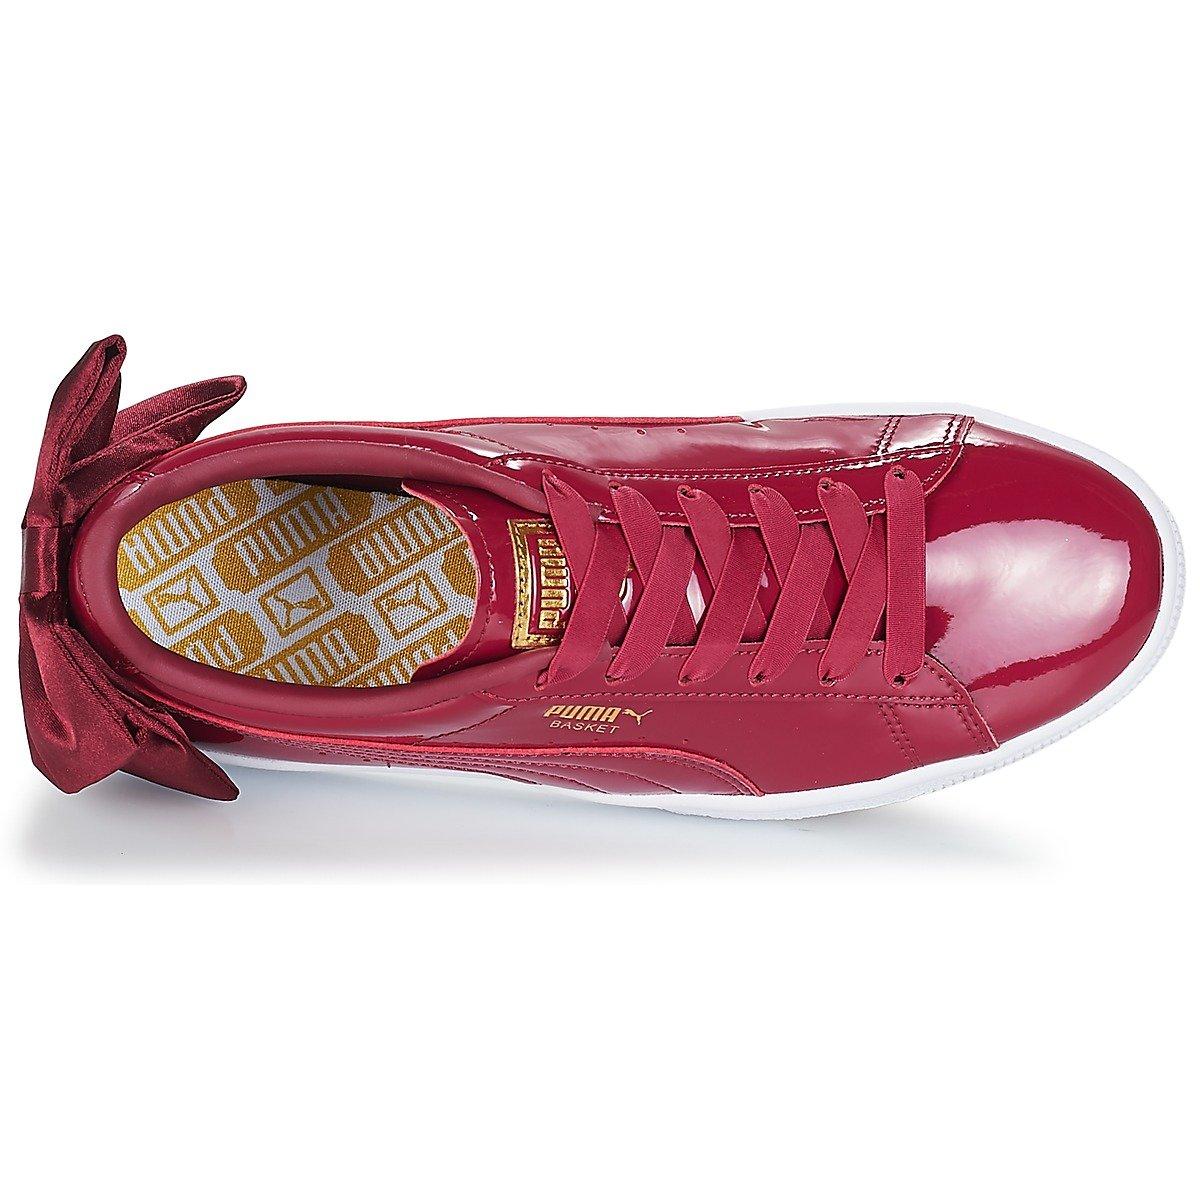 Puma Basket Bow Patent WN s Tibetan Red 36811804 a7092f65b